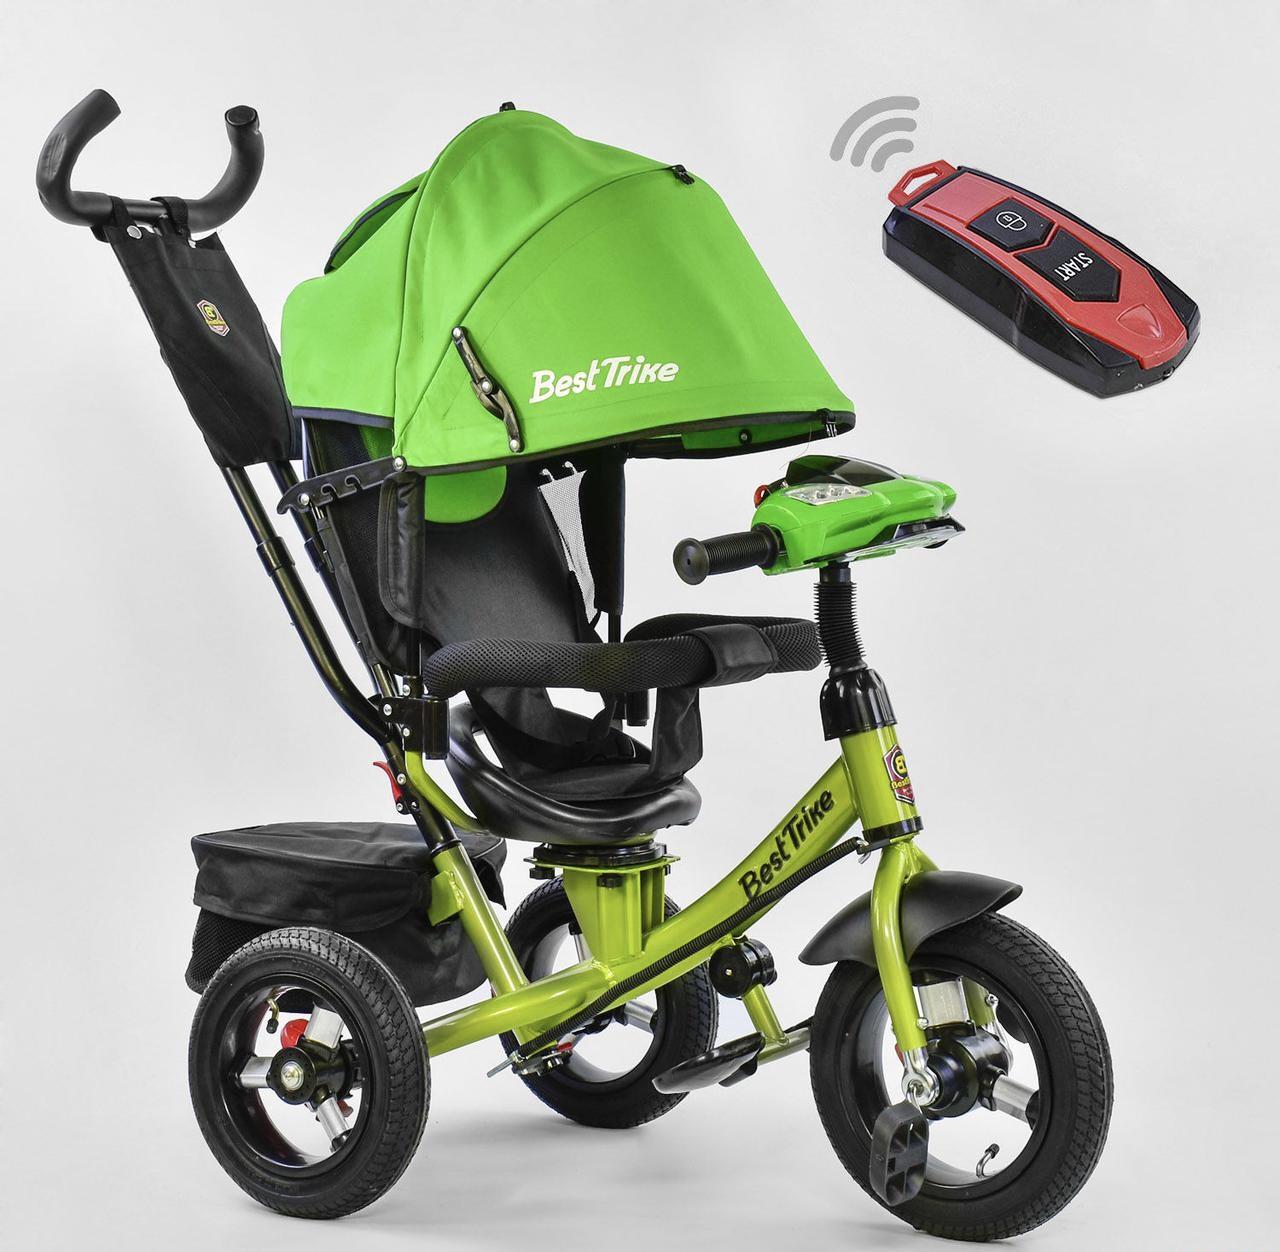 Детский трёхколёсный велосипед 7700 В  Best Trike Салатовый поворотное сиденье фара с ручкой